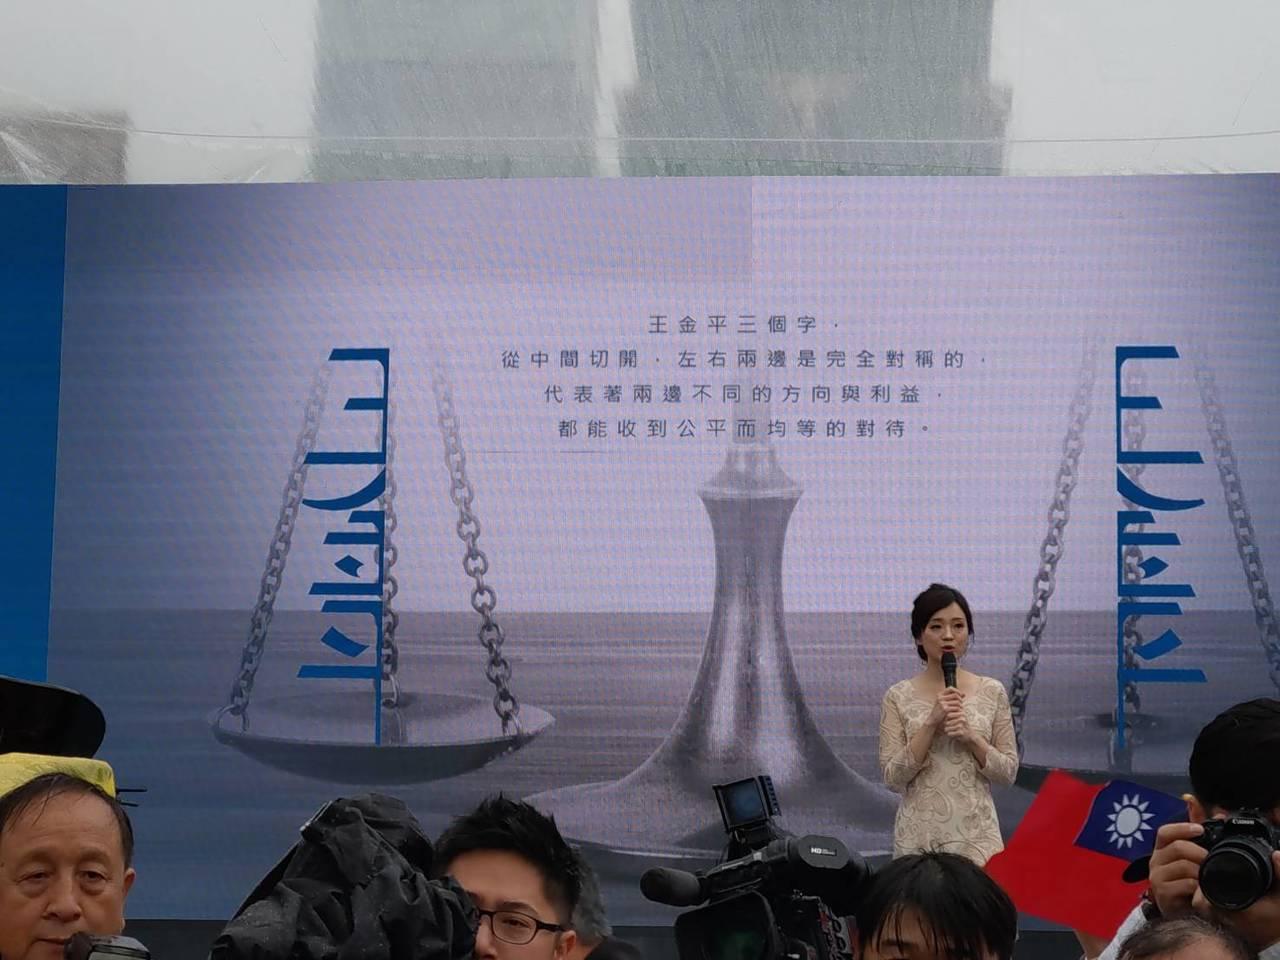 主持人解釋「王金平橋」的LOGO,王金平3個字從中間切開,左右兩邊完全對稱,代表...